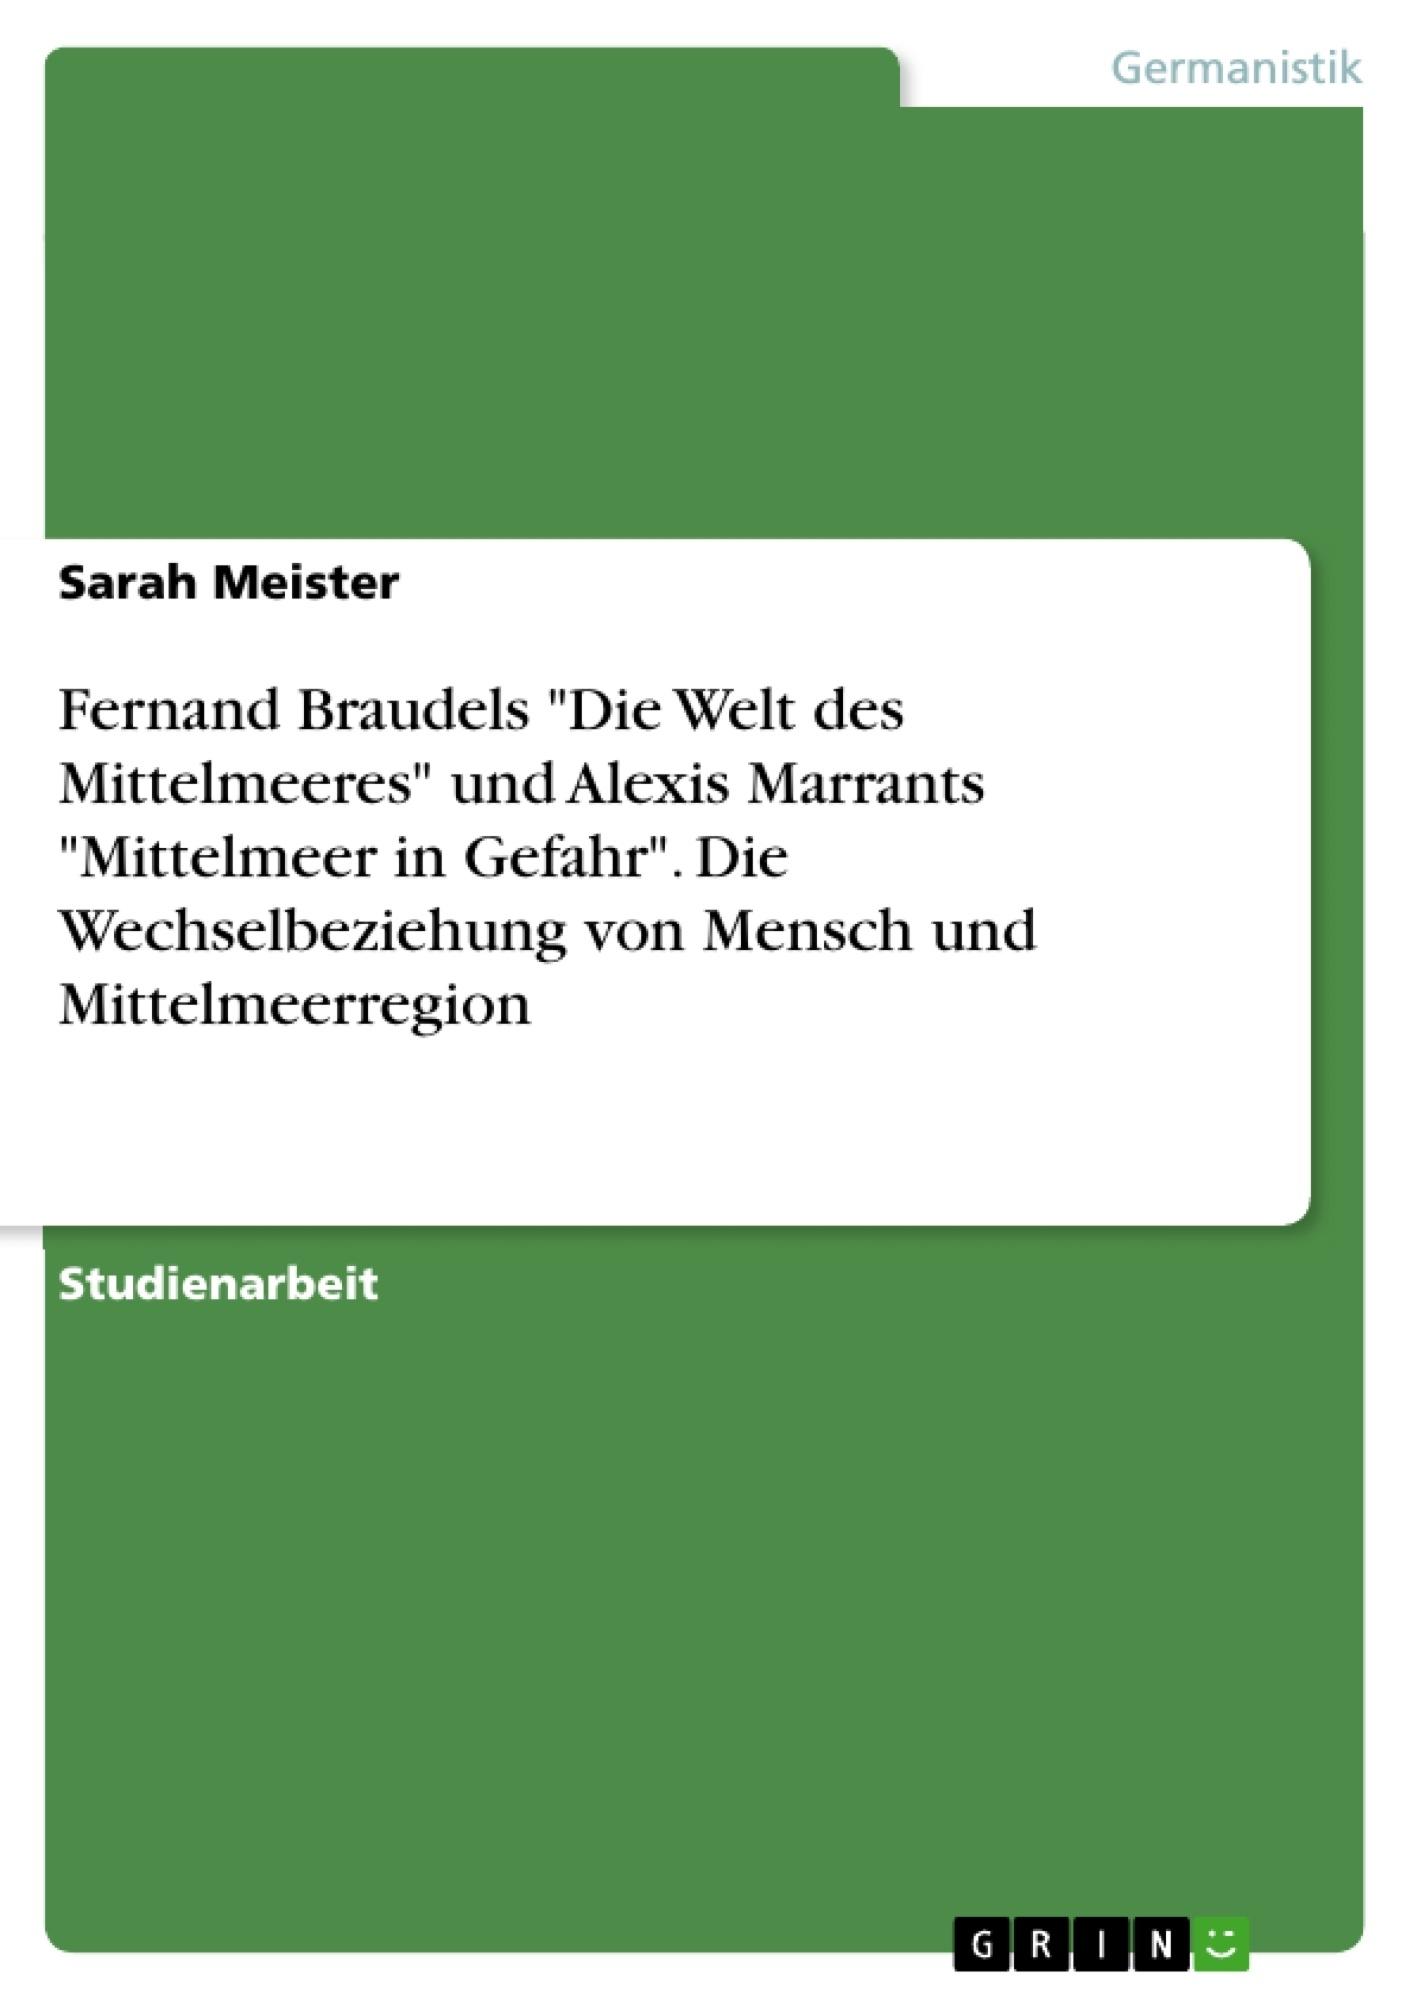 """Titel: Fernand Braudels """"Die Welt des Mittelmeeres"""" und Alexis Marrants """"Mittelmeer in Gefahr"""". Die Wechselbeziehung von Mensch und Mittelmeerregion"""